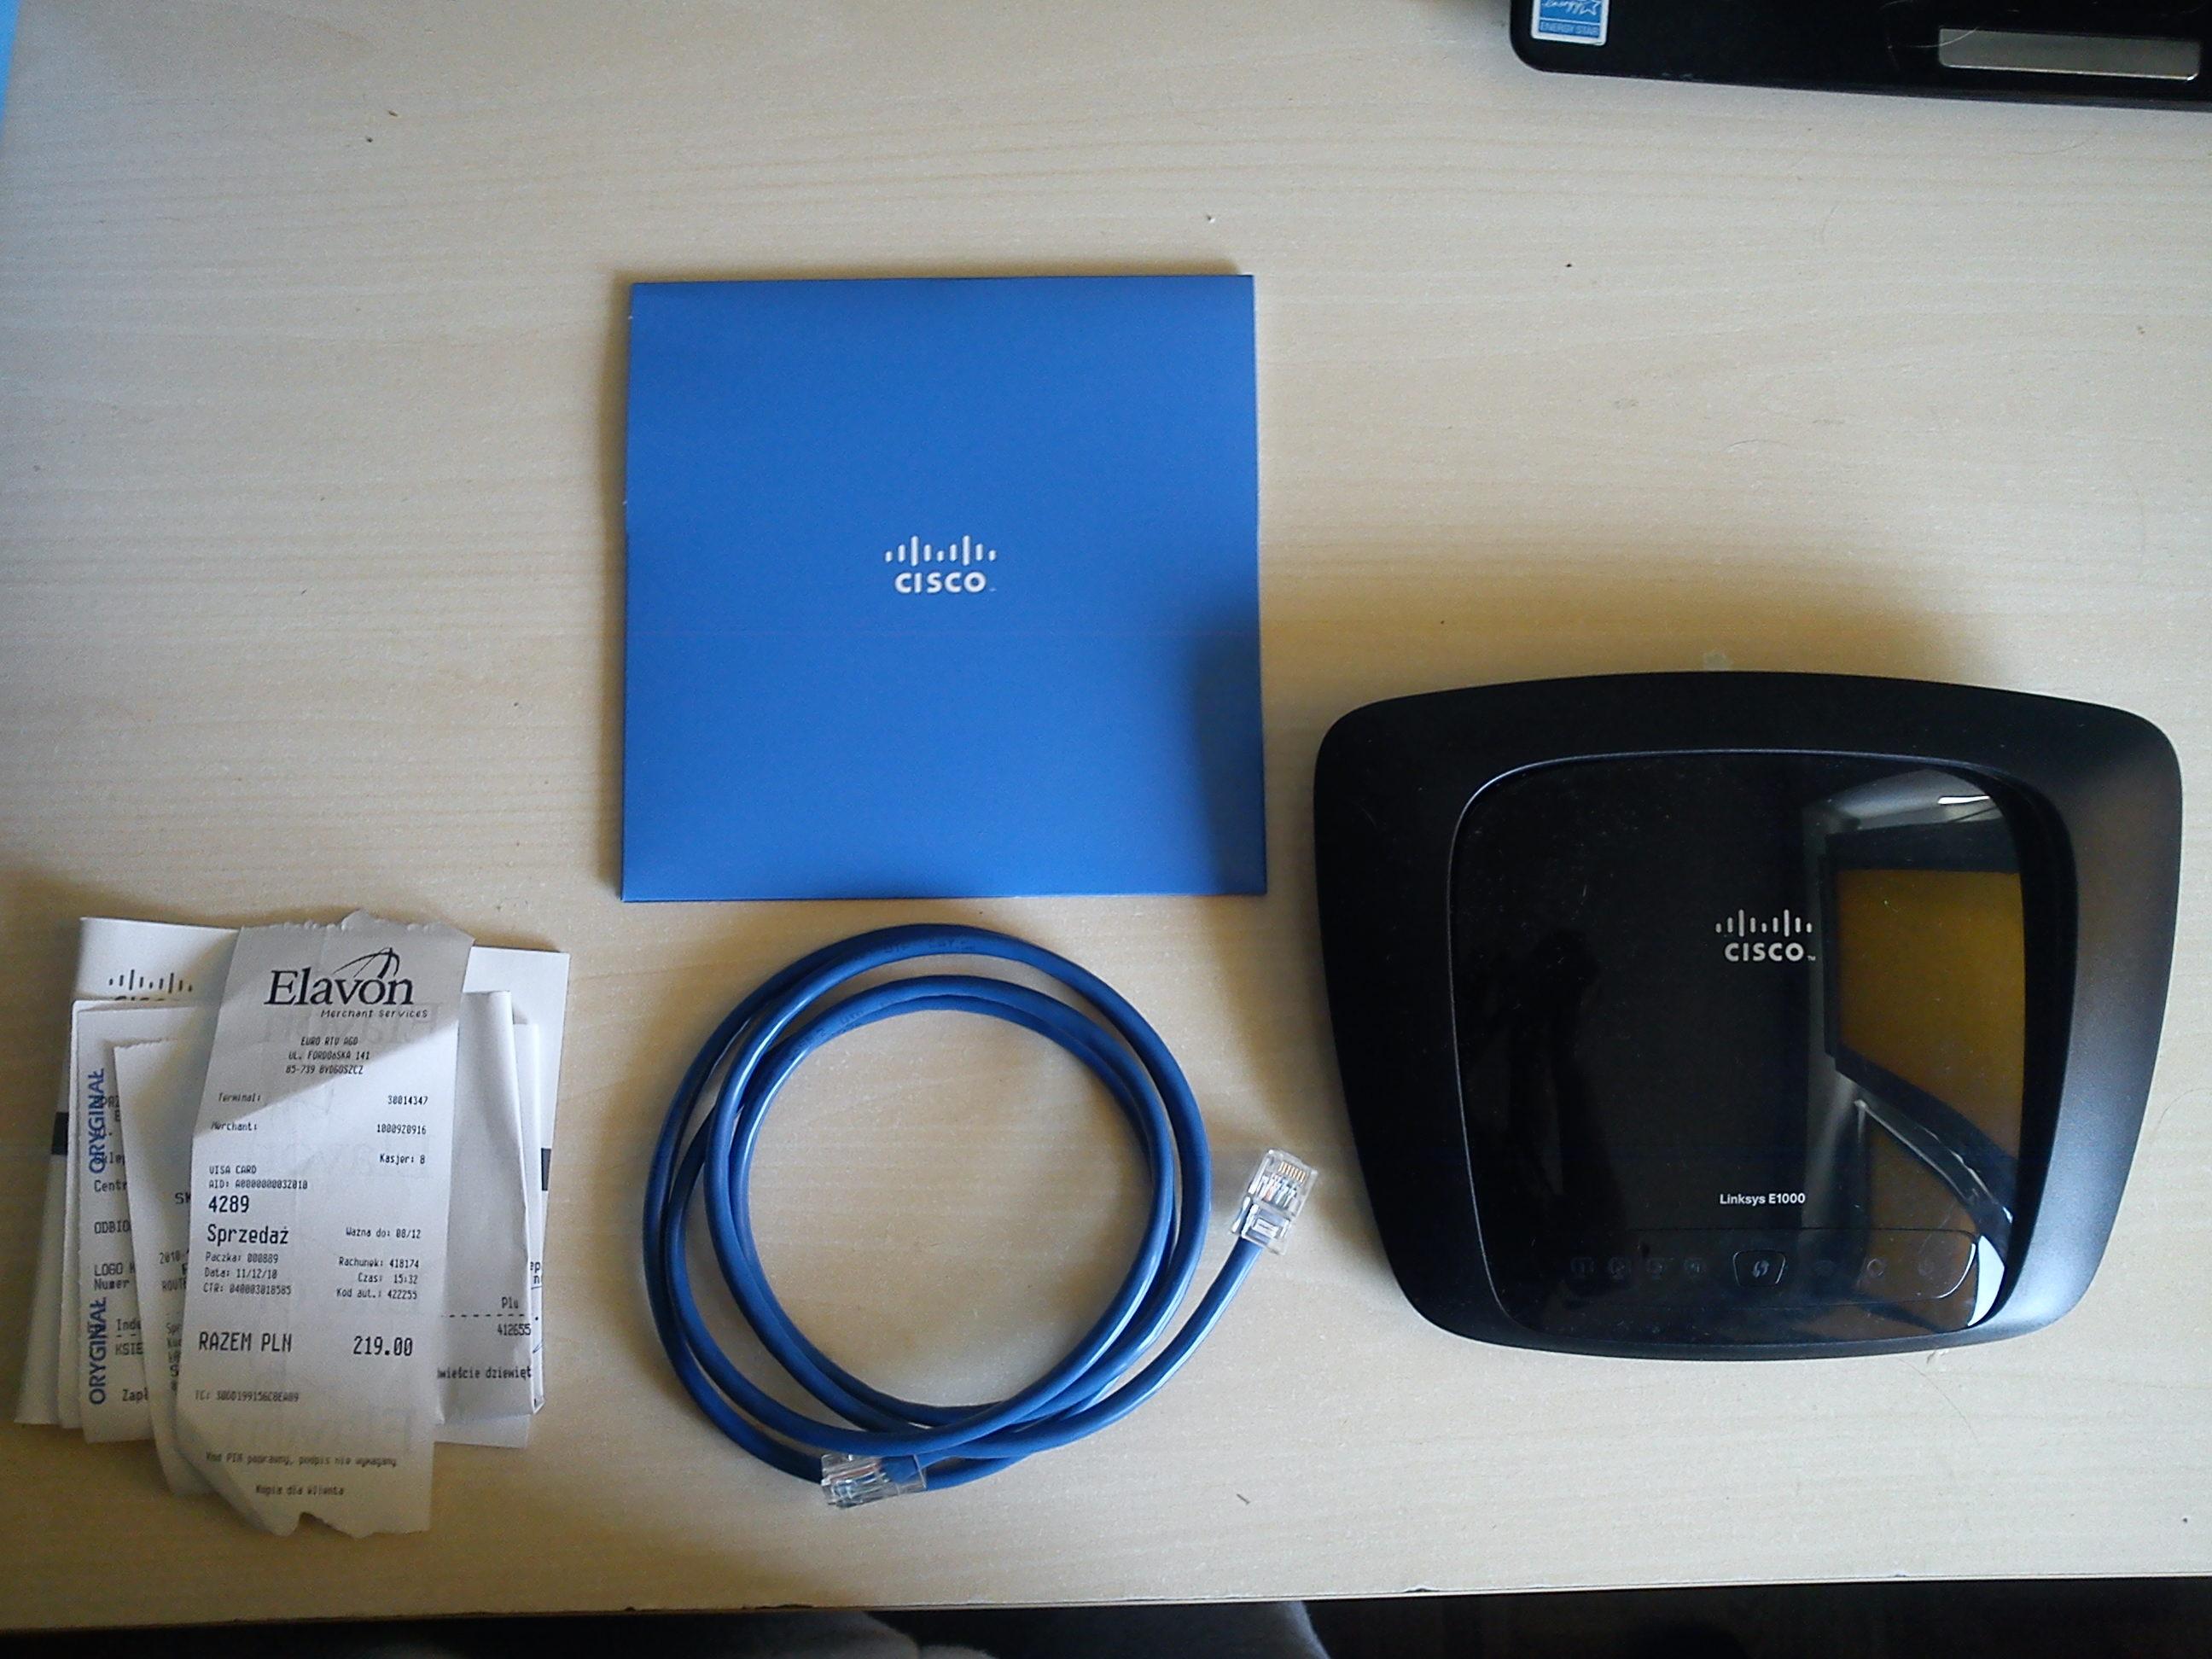 [Sprzedam] router linksys e1000